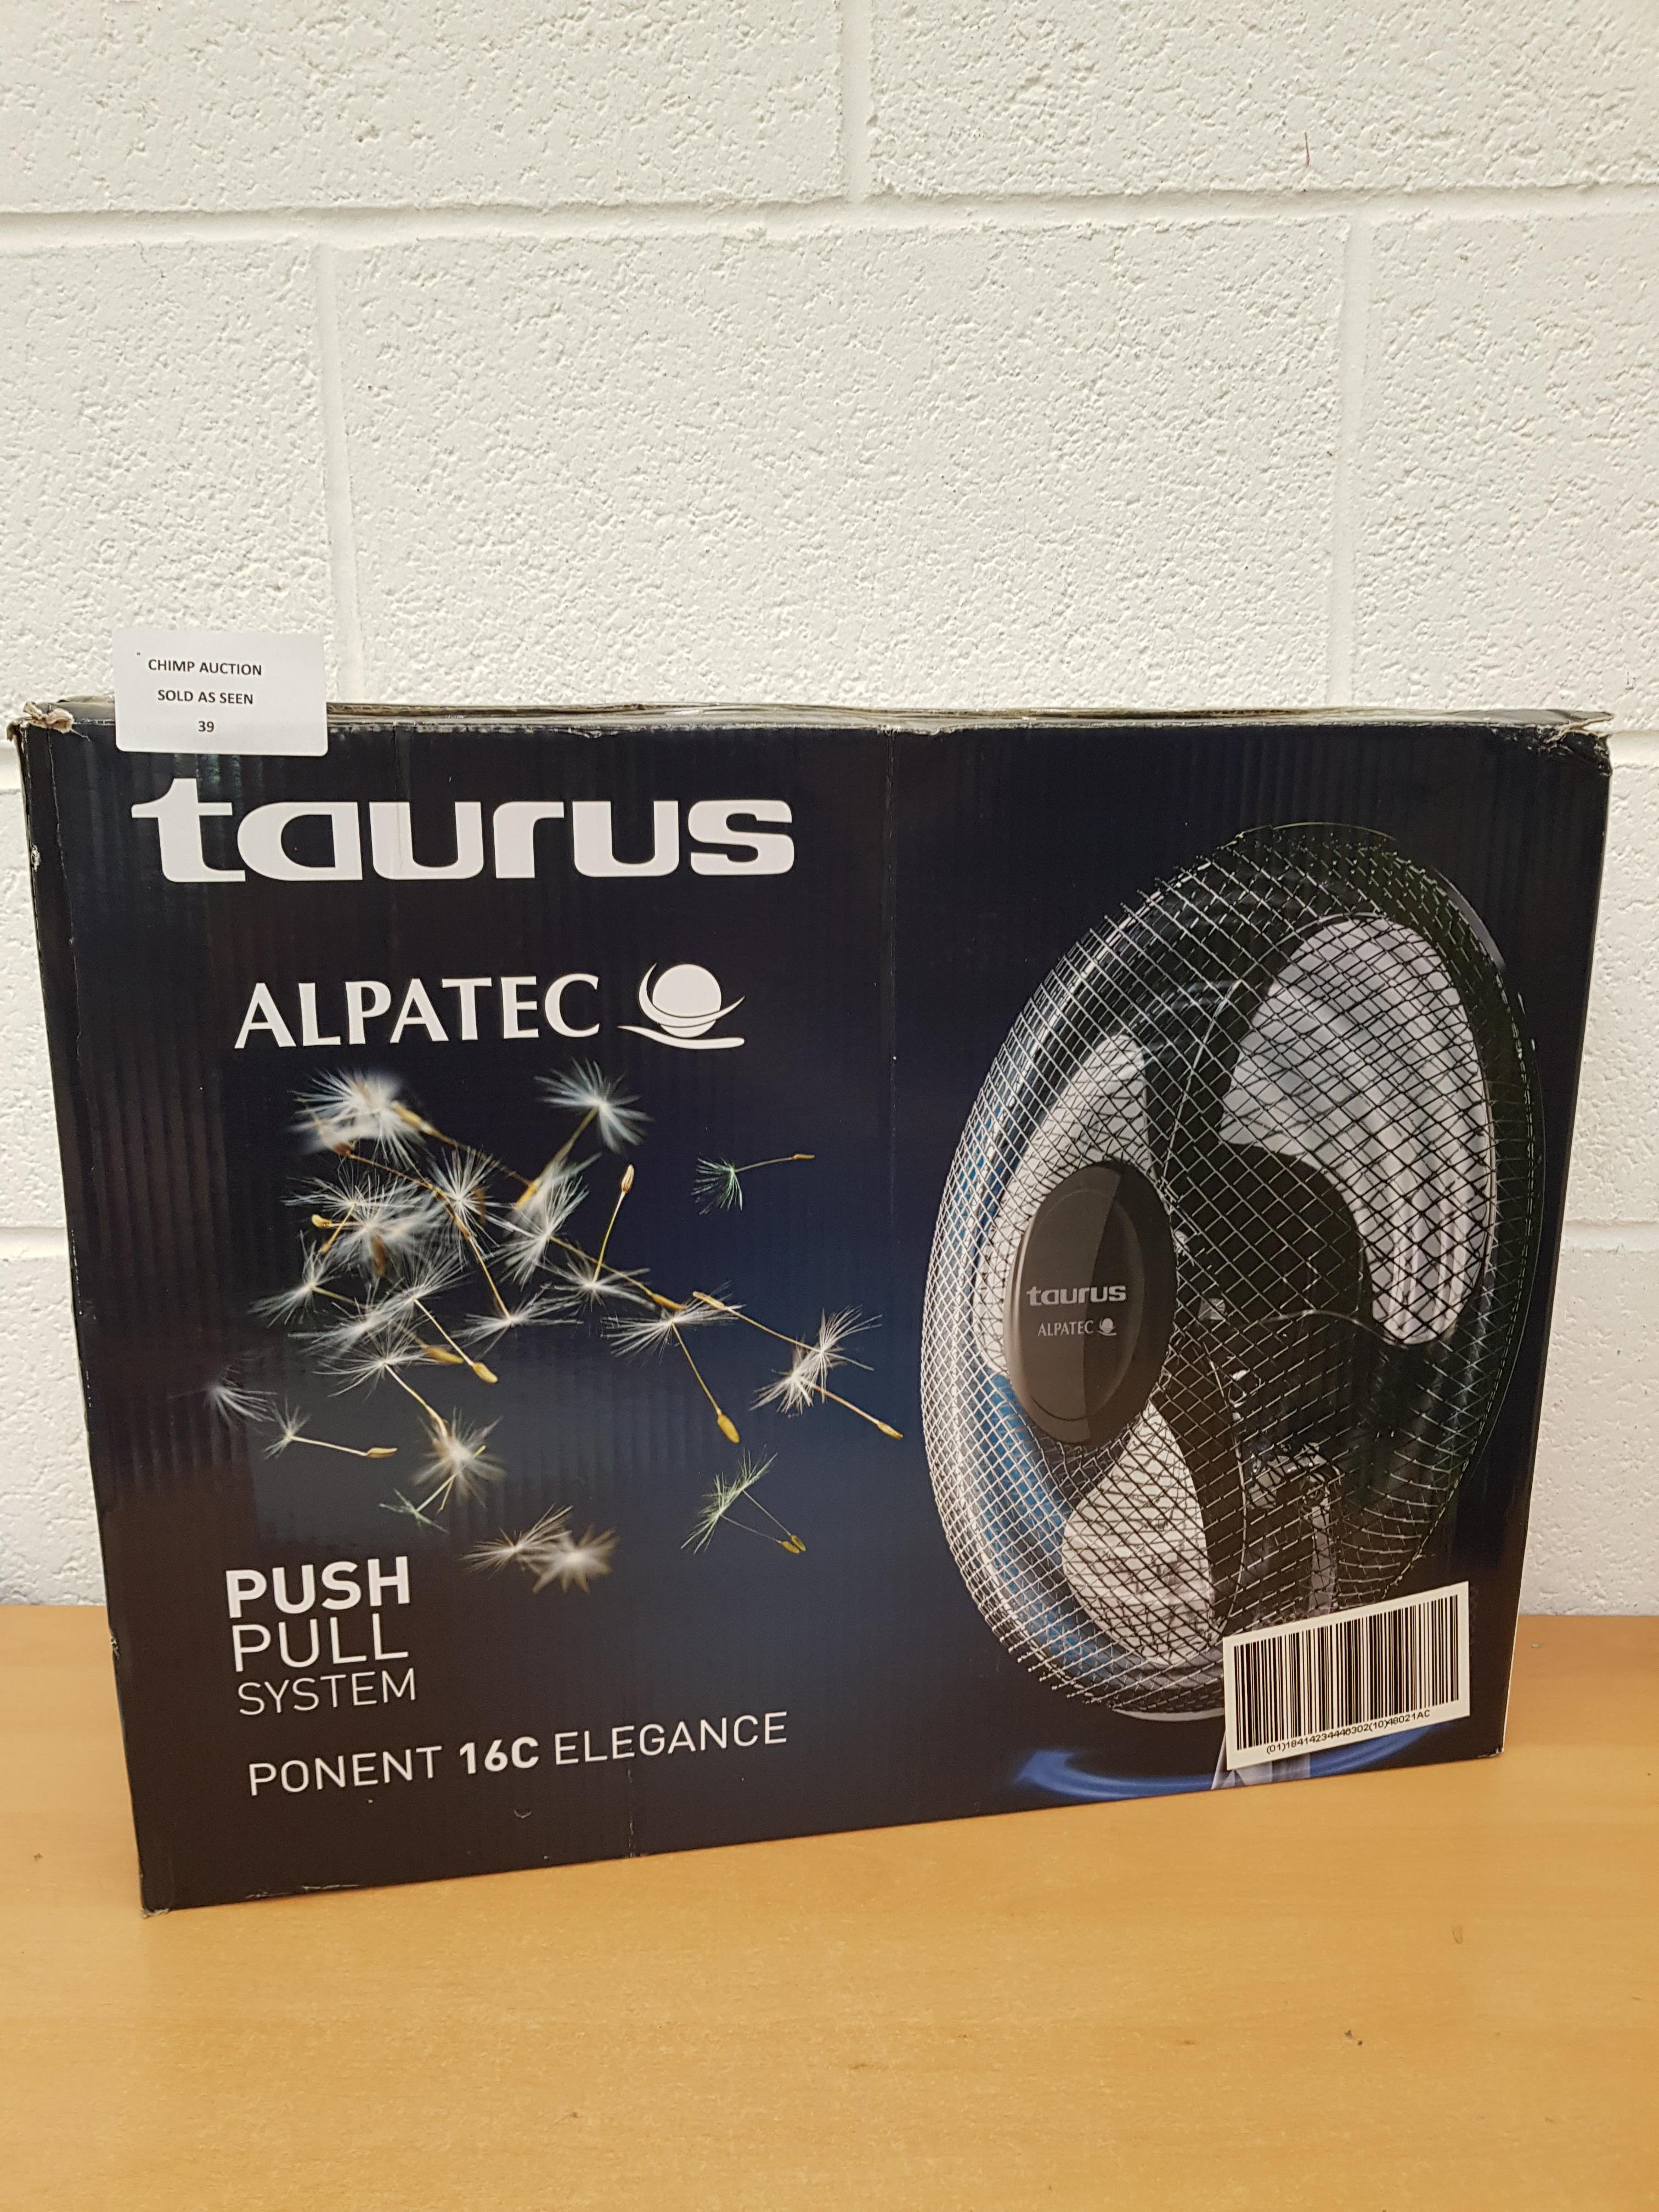 Lot 39 - Taurus Alpatec 16C elegance Fan